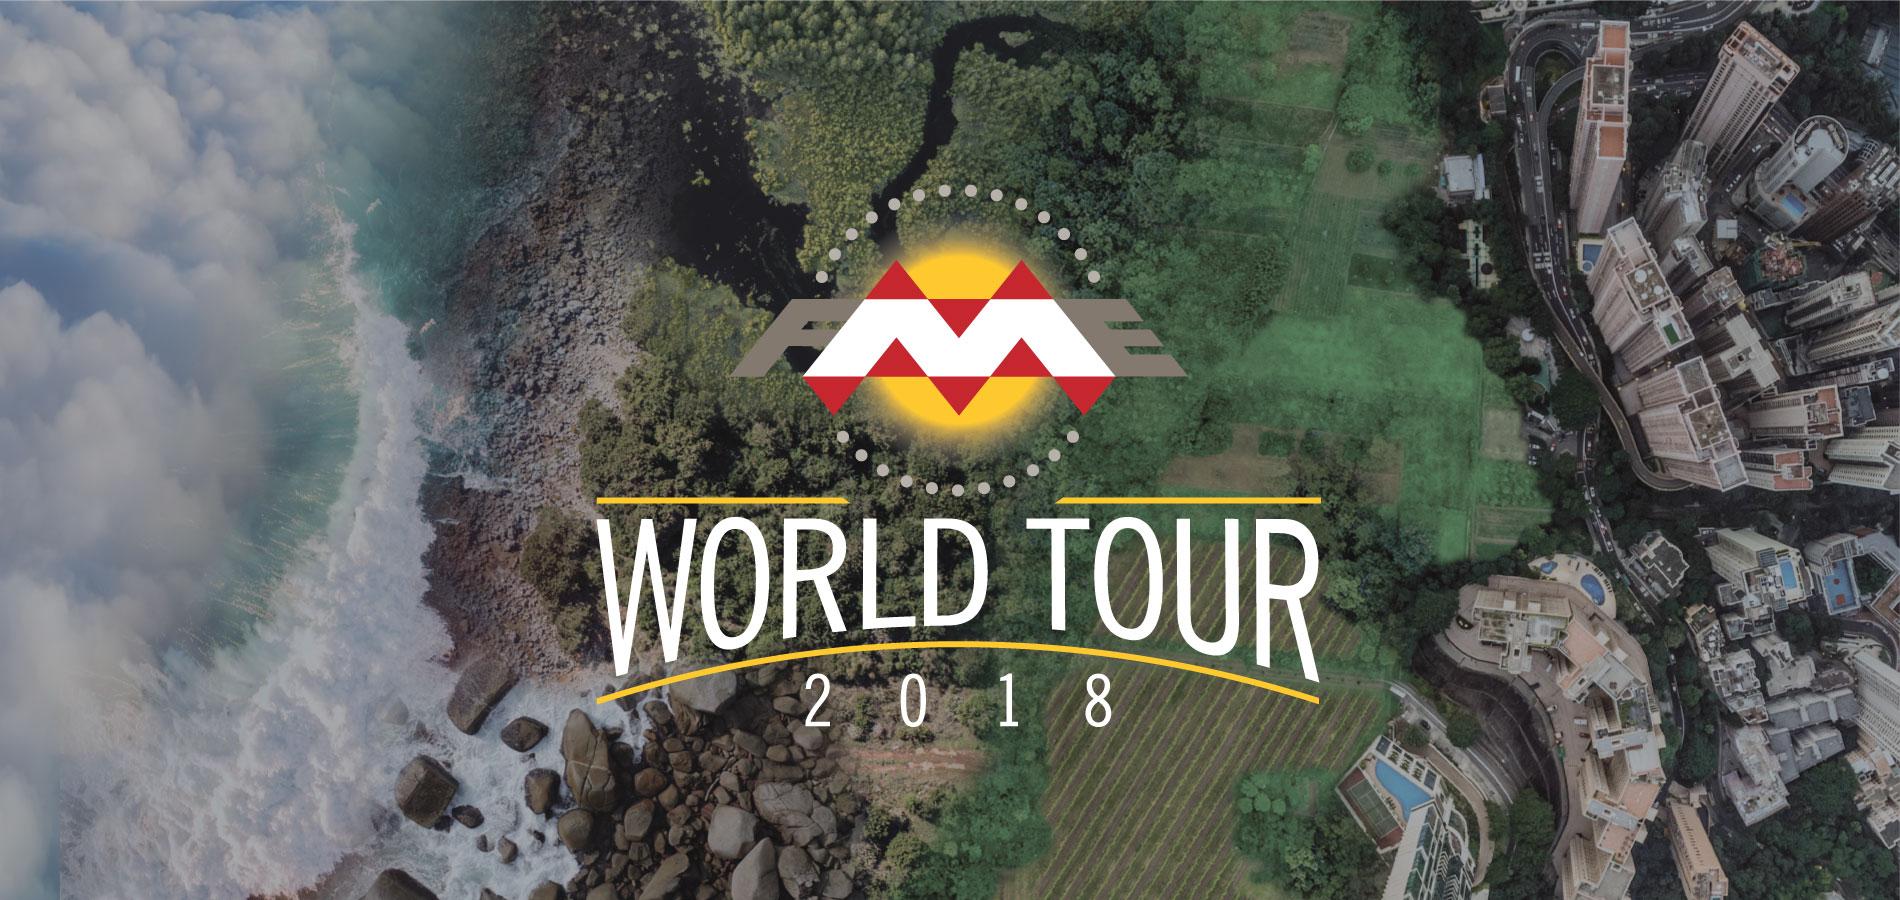 FME World Tour 2018 Oslo